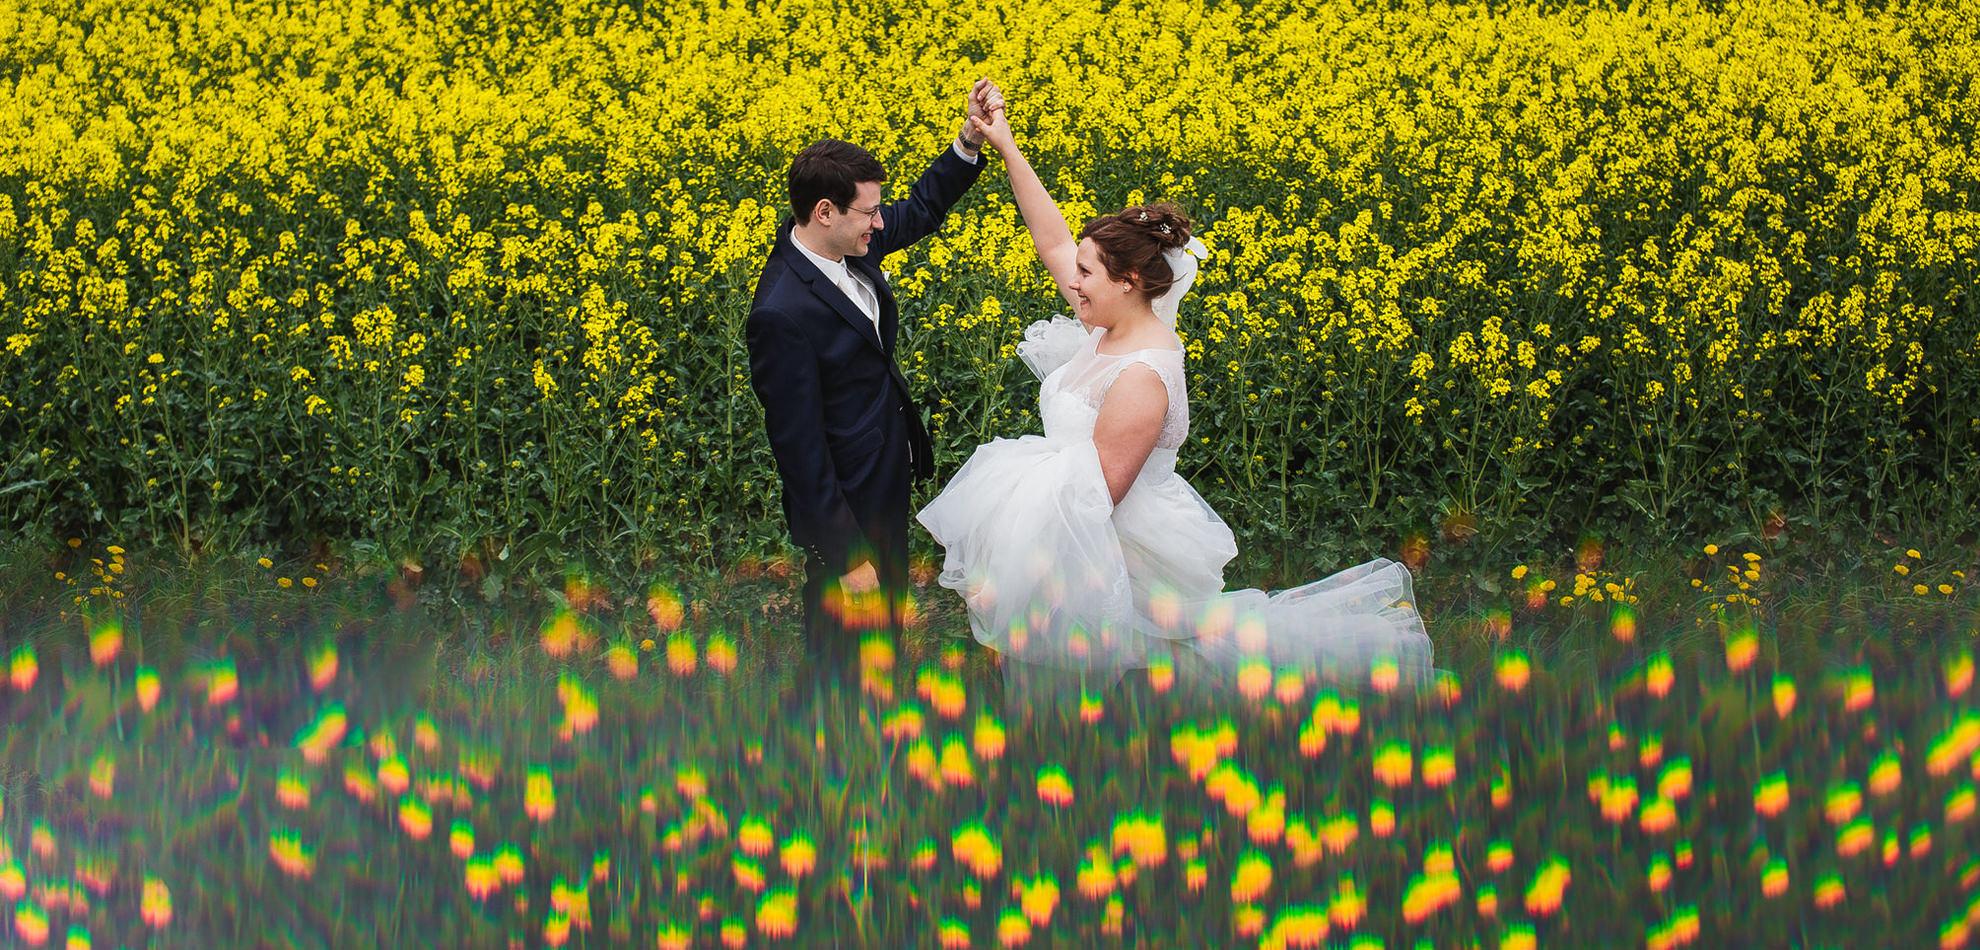 fotografo de casamento na Alemanha